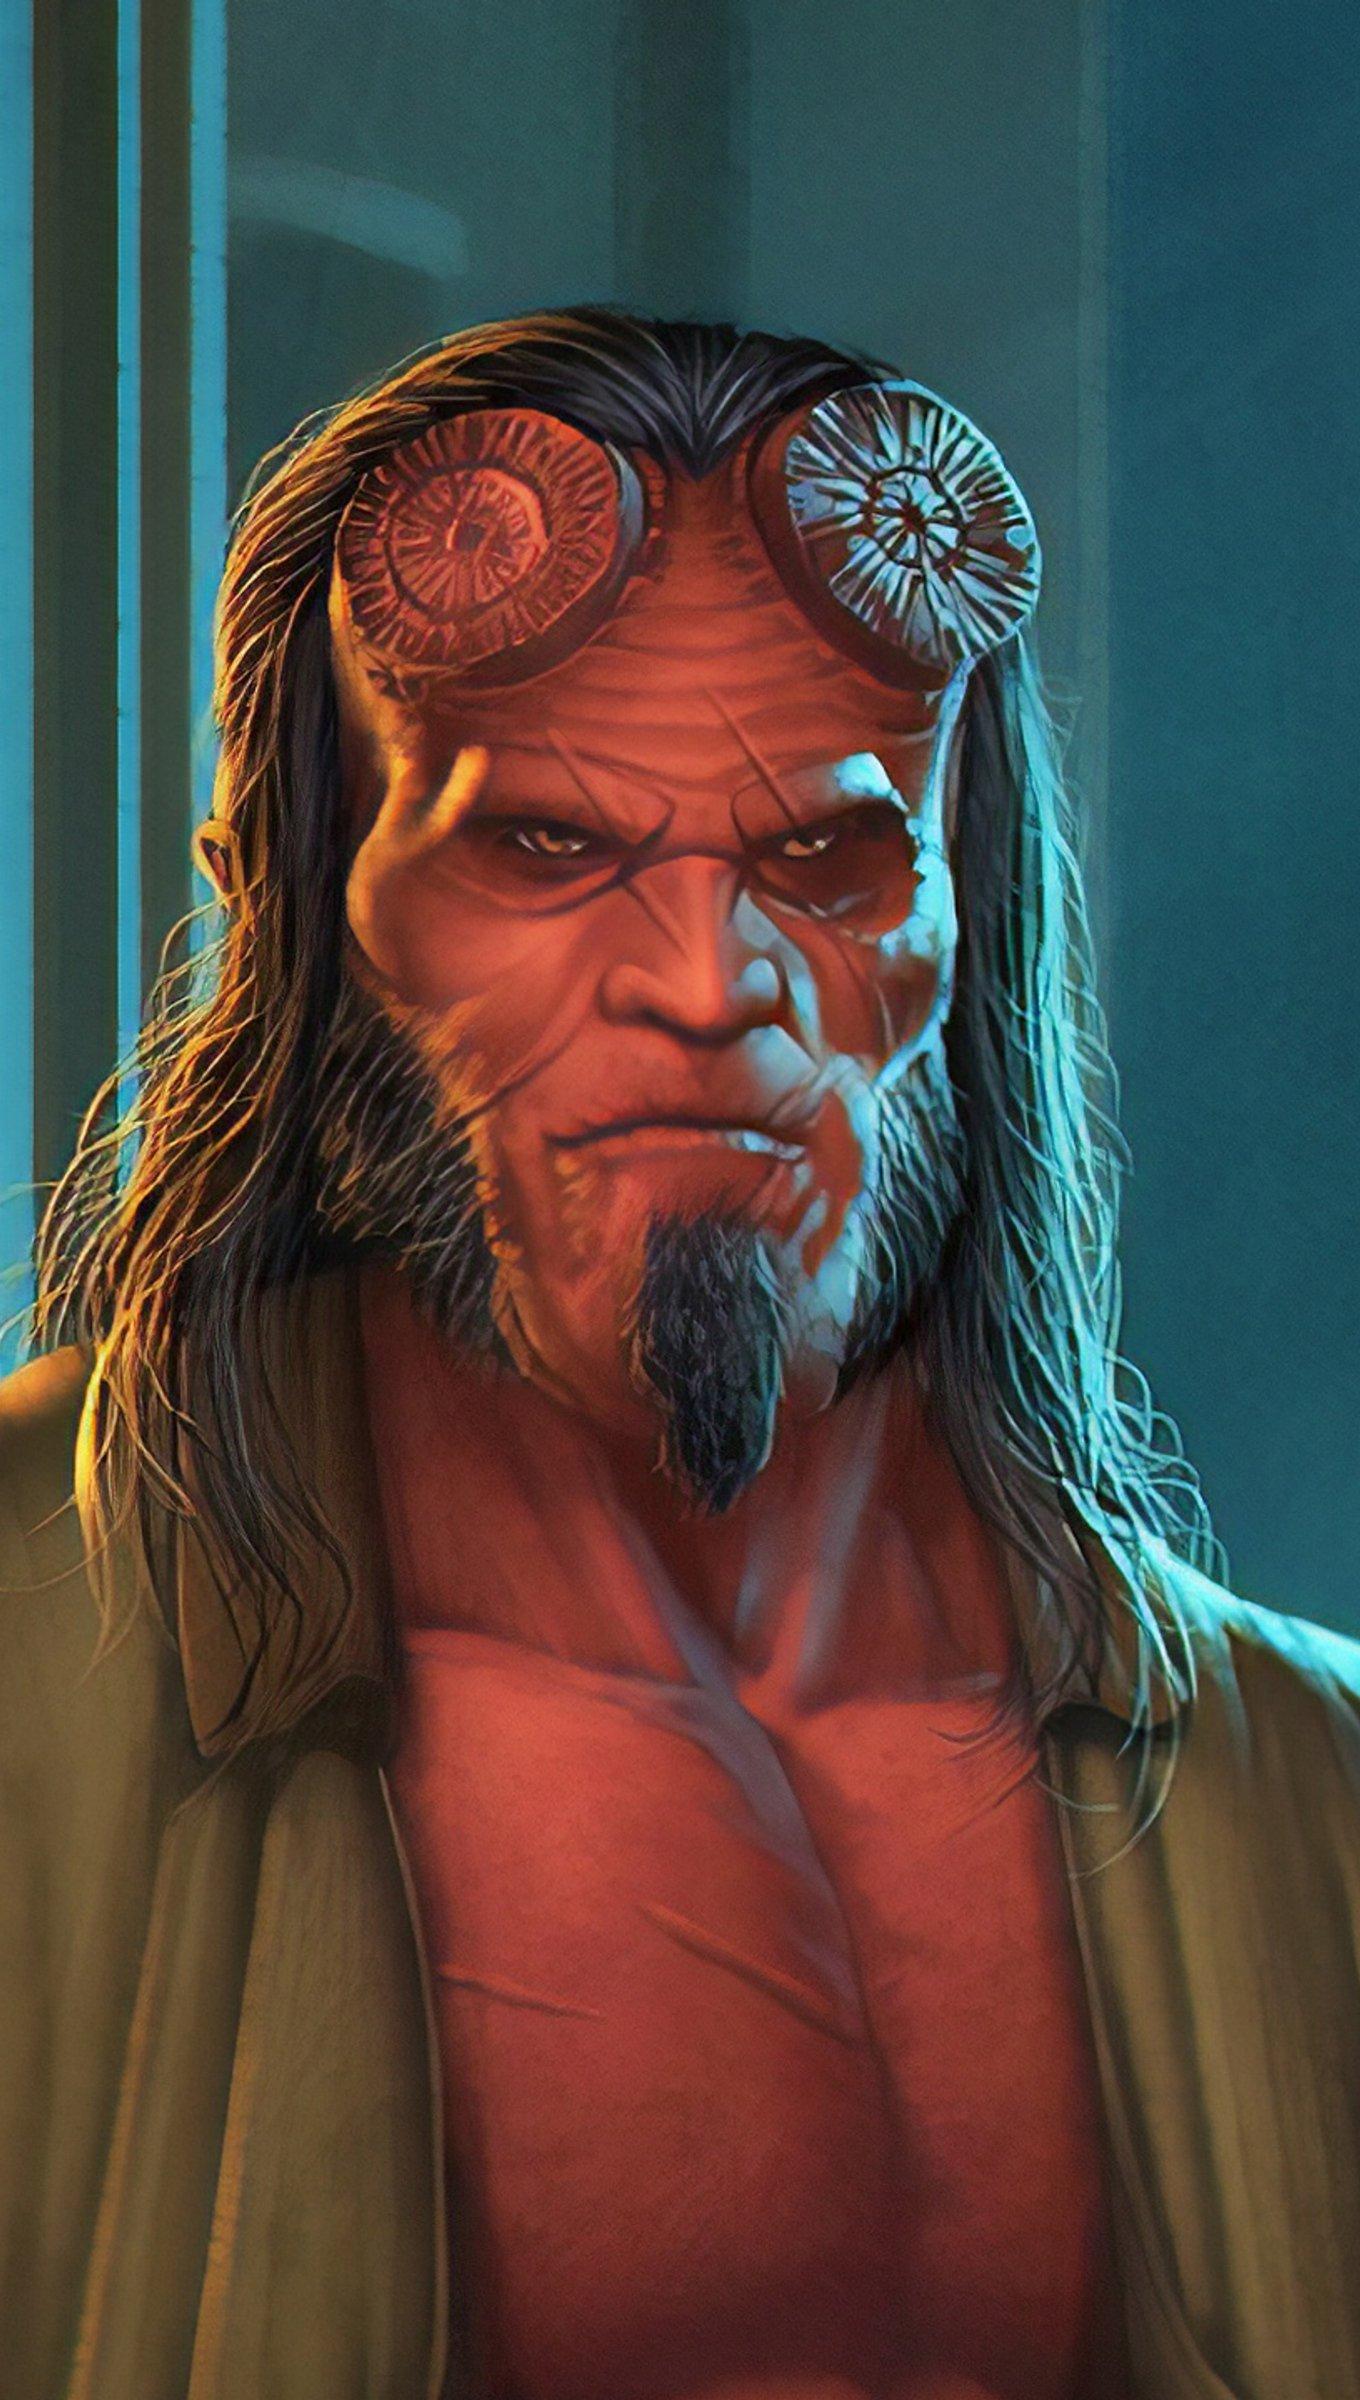 Fondos de pantalla Hellboy Fanart Vertical